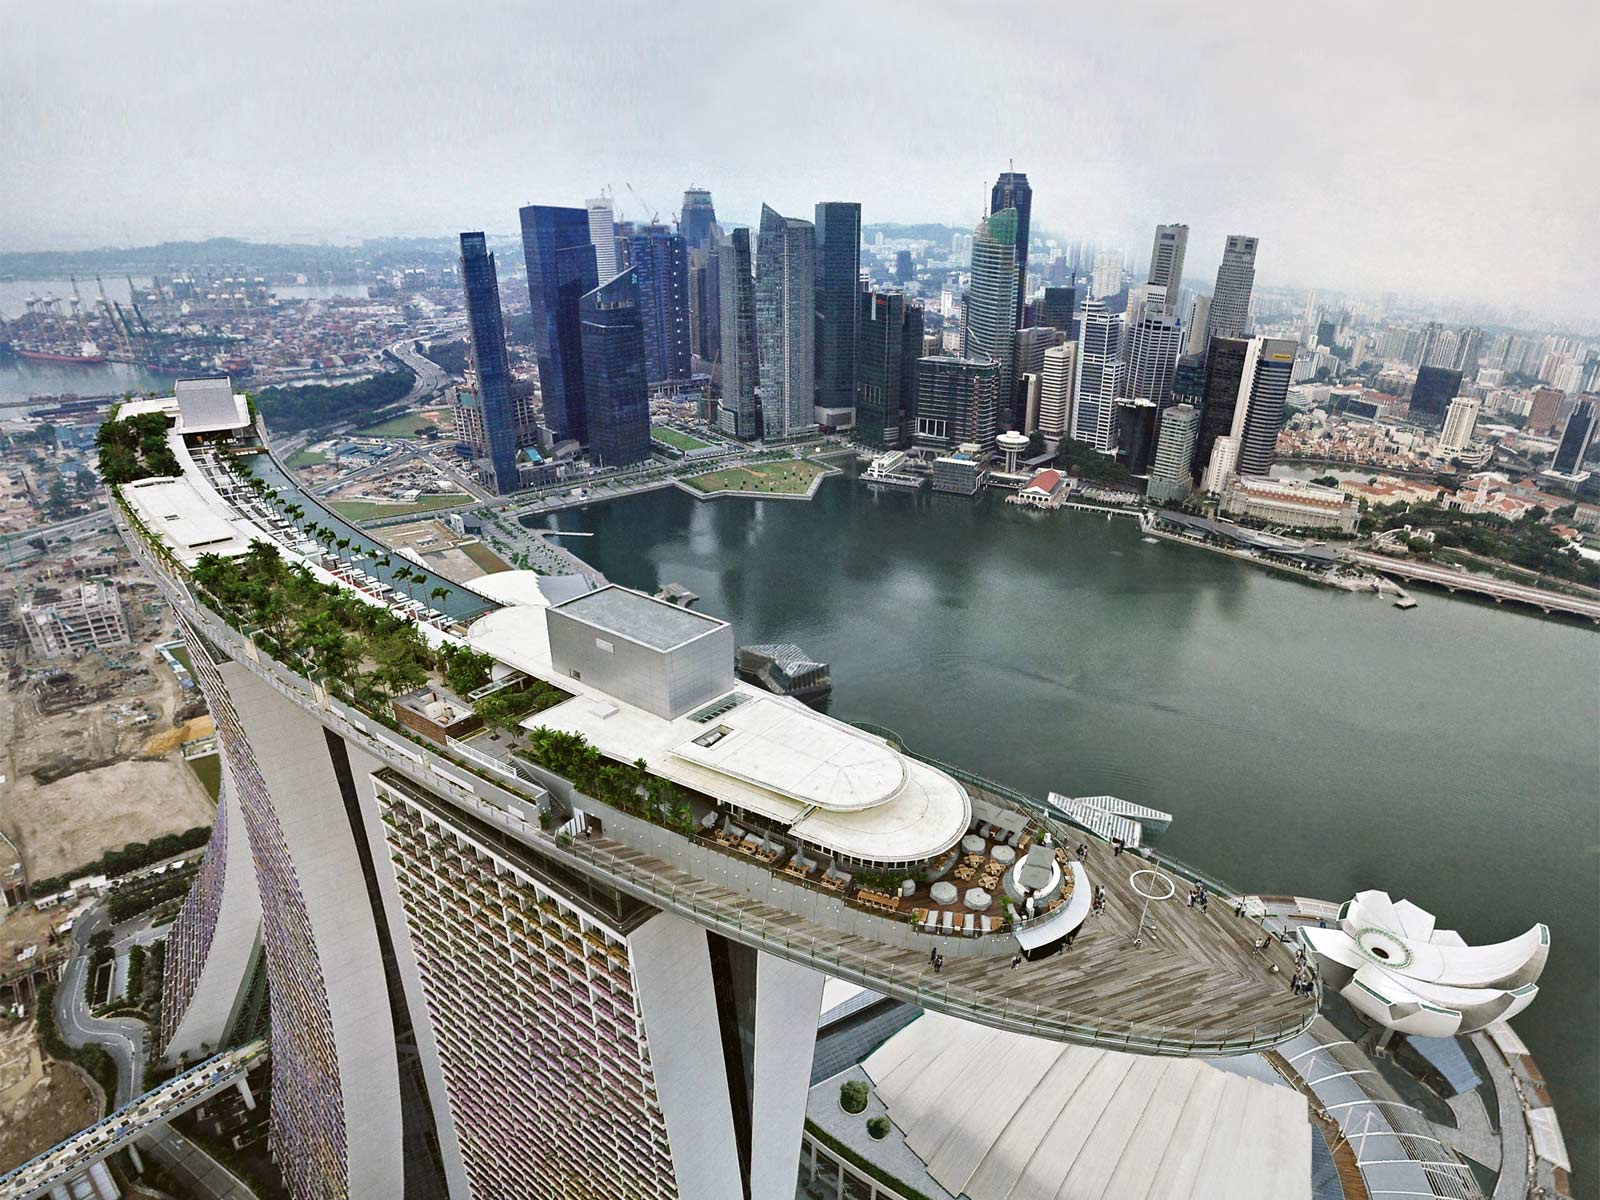 Scopriamo insieme le città più costose del mondo!